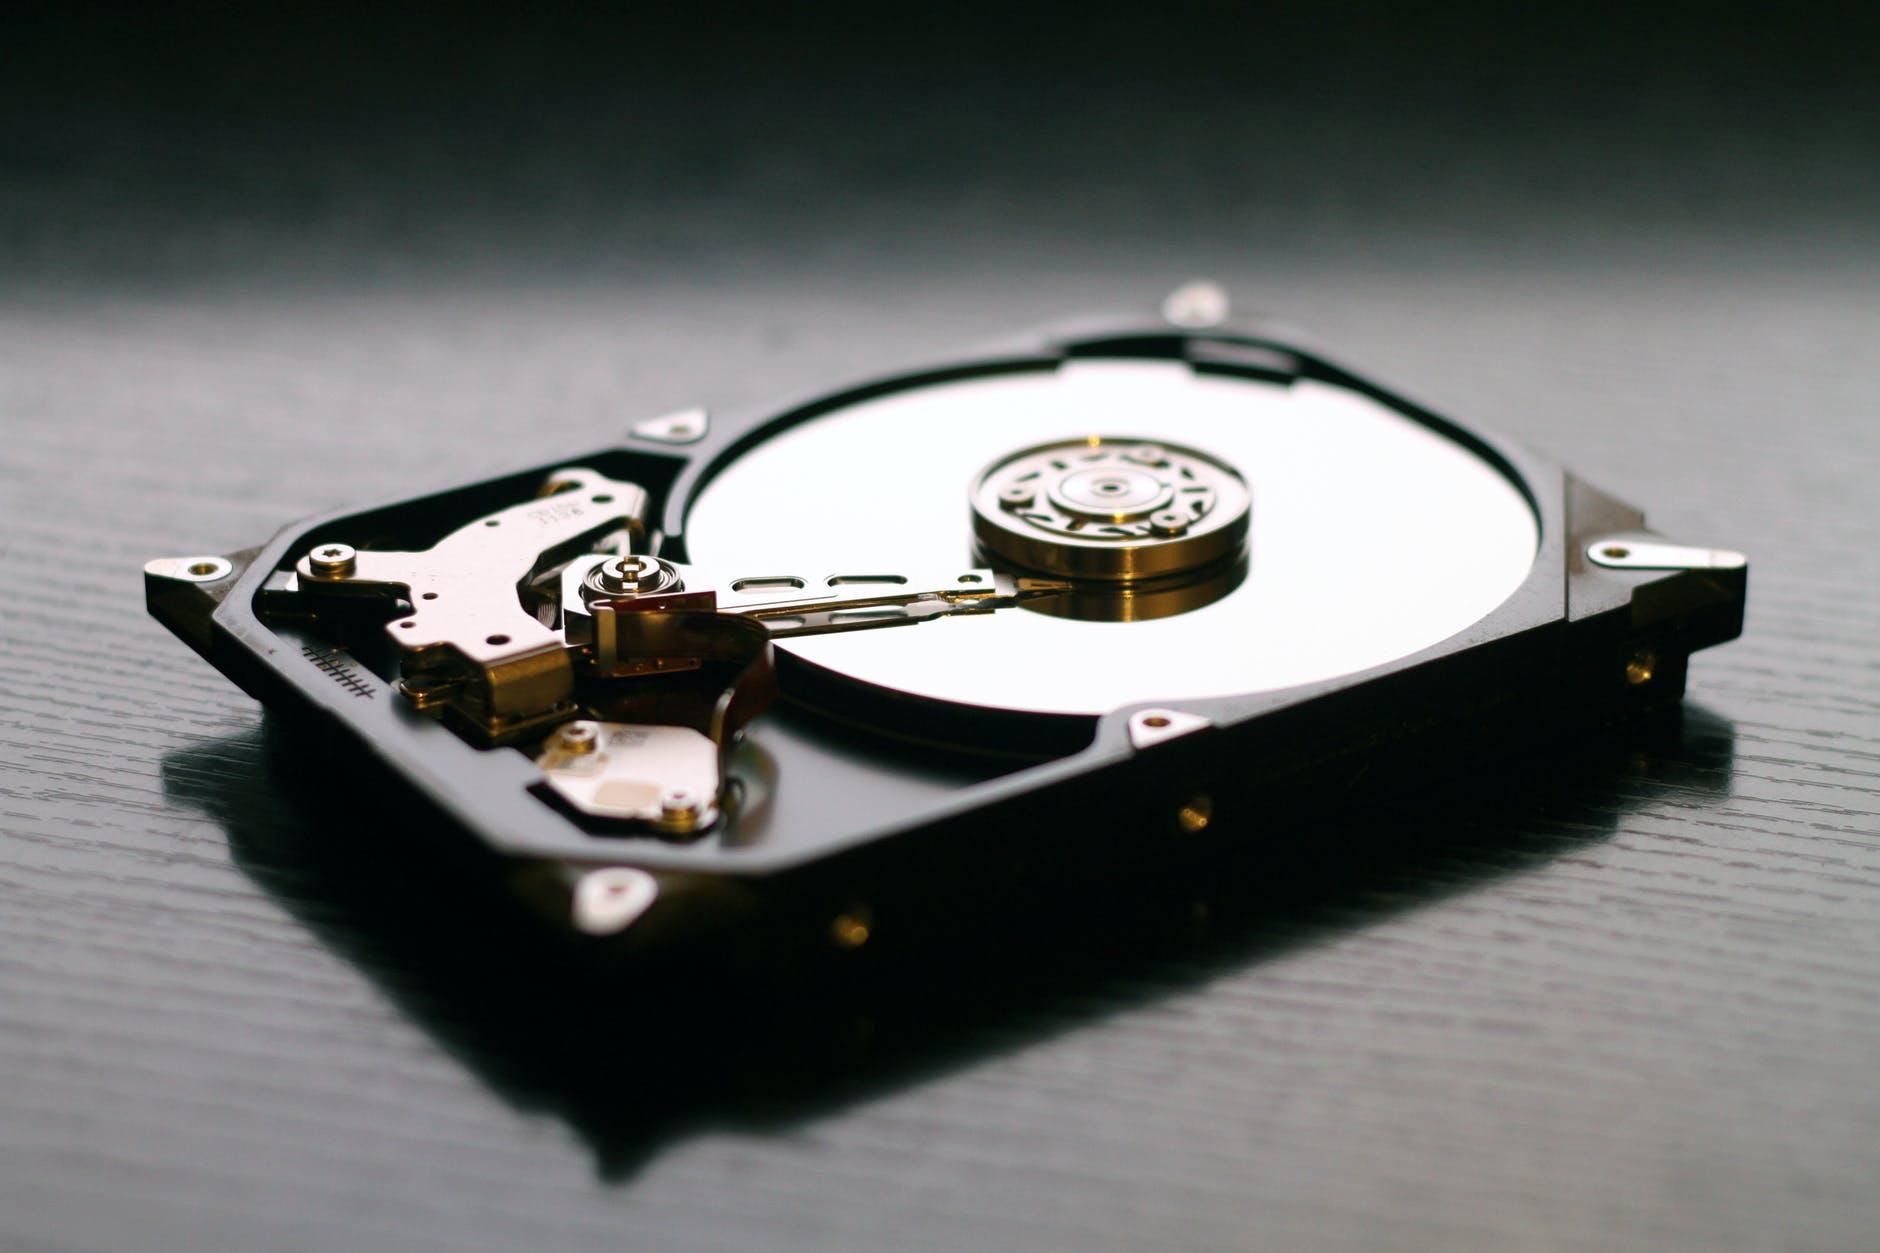 Comment formater un disque dur externe sous Mac